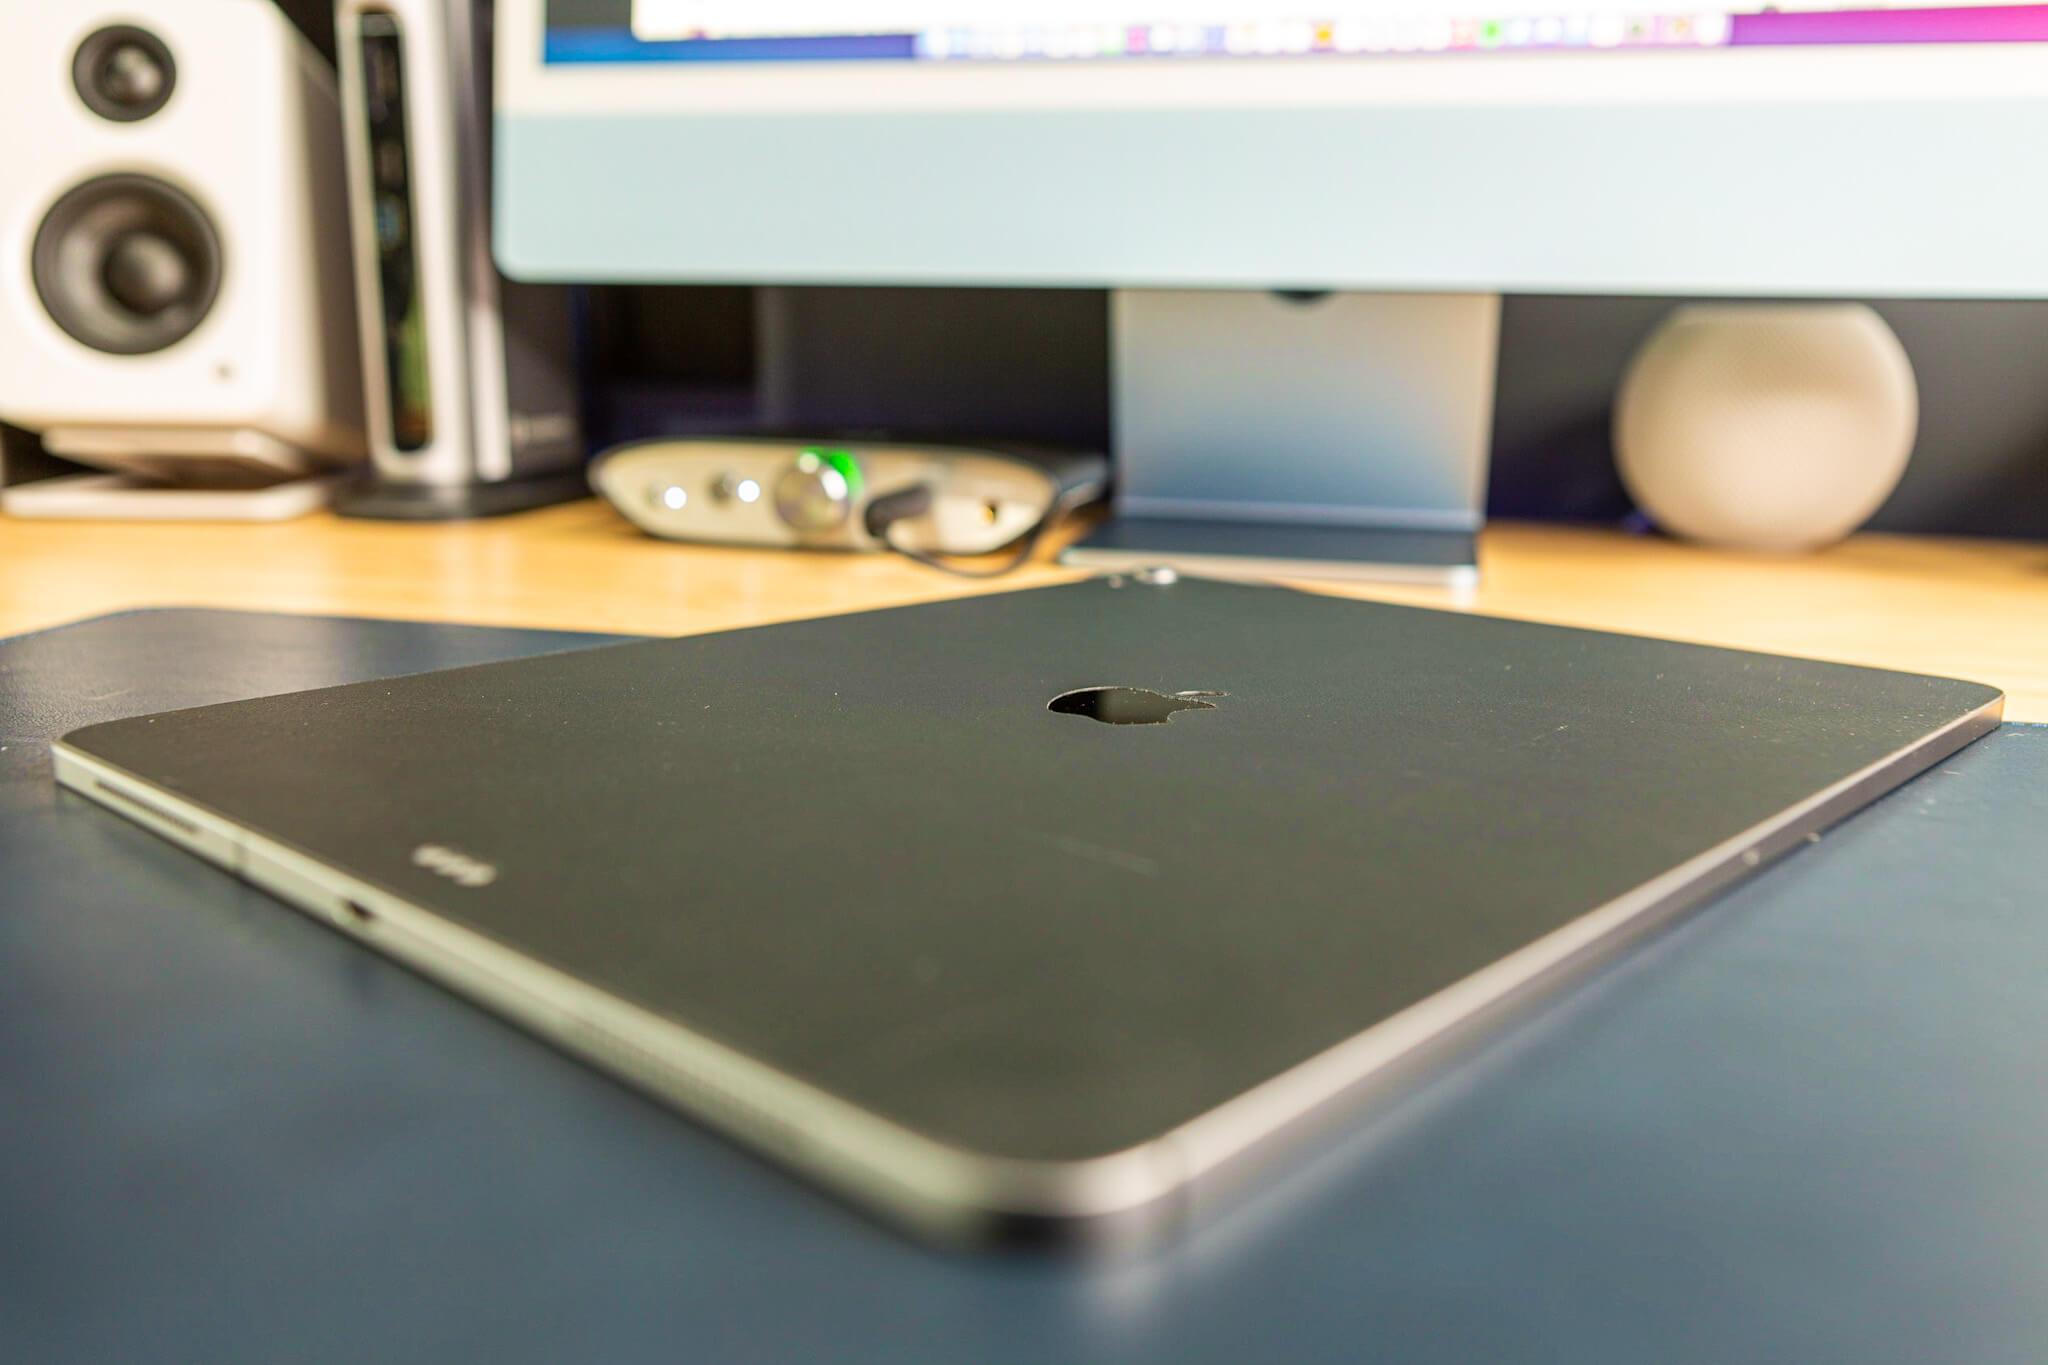 dbrand iPad skin